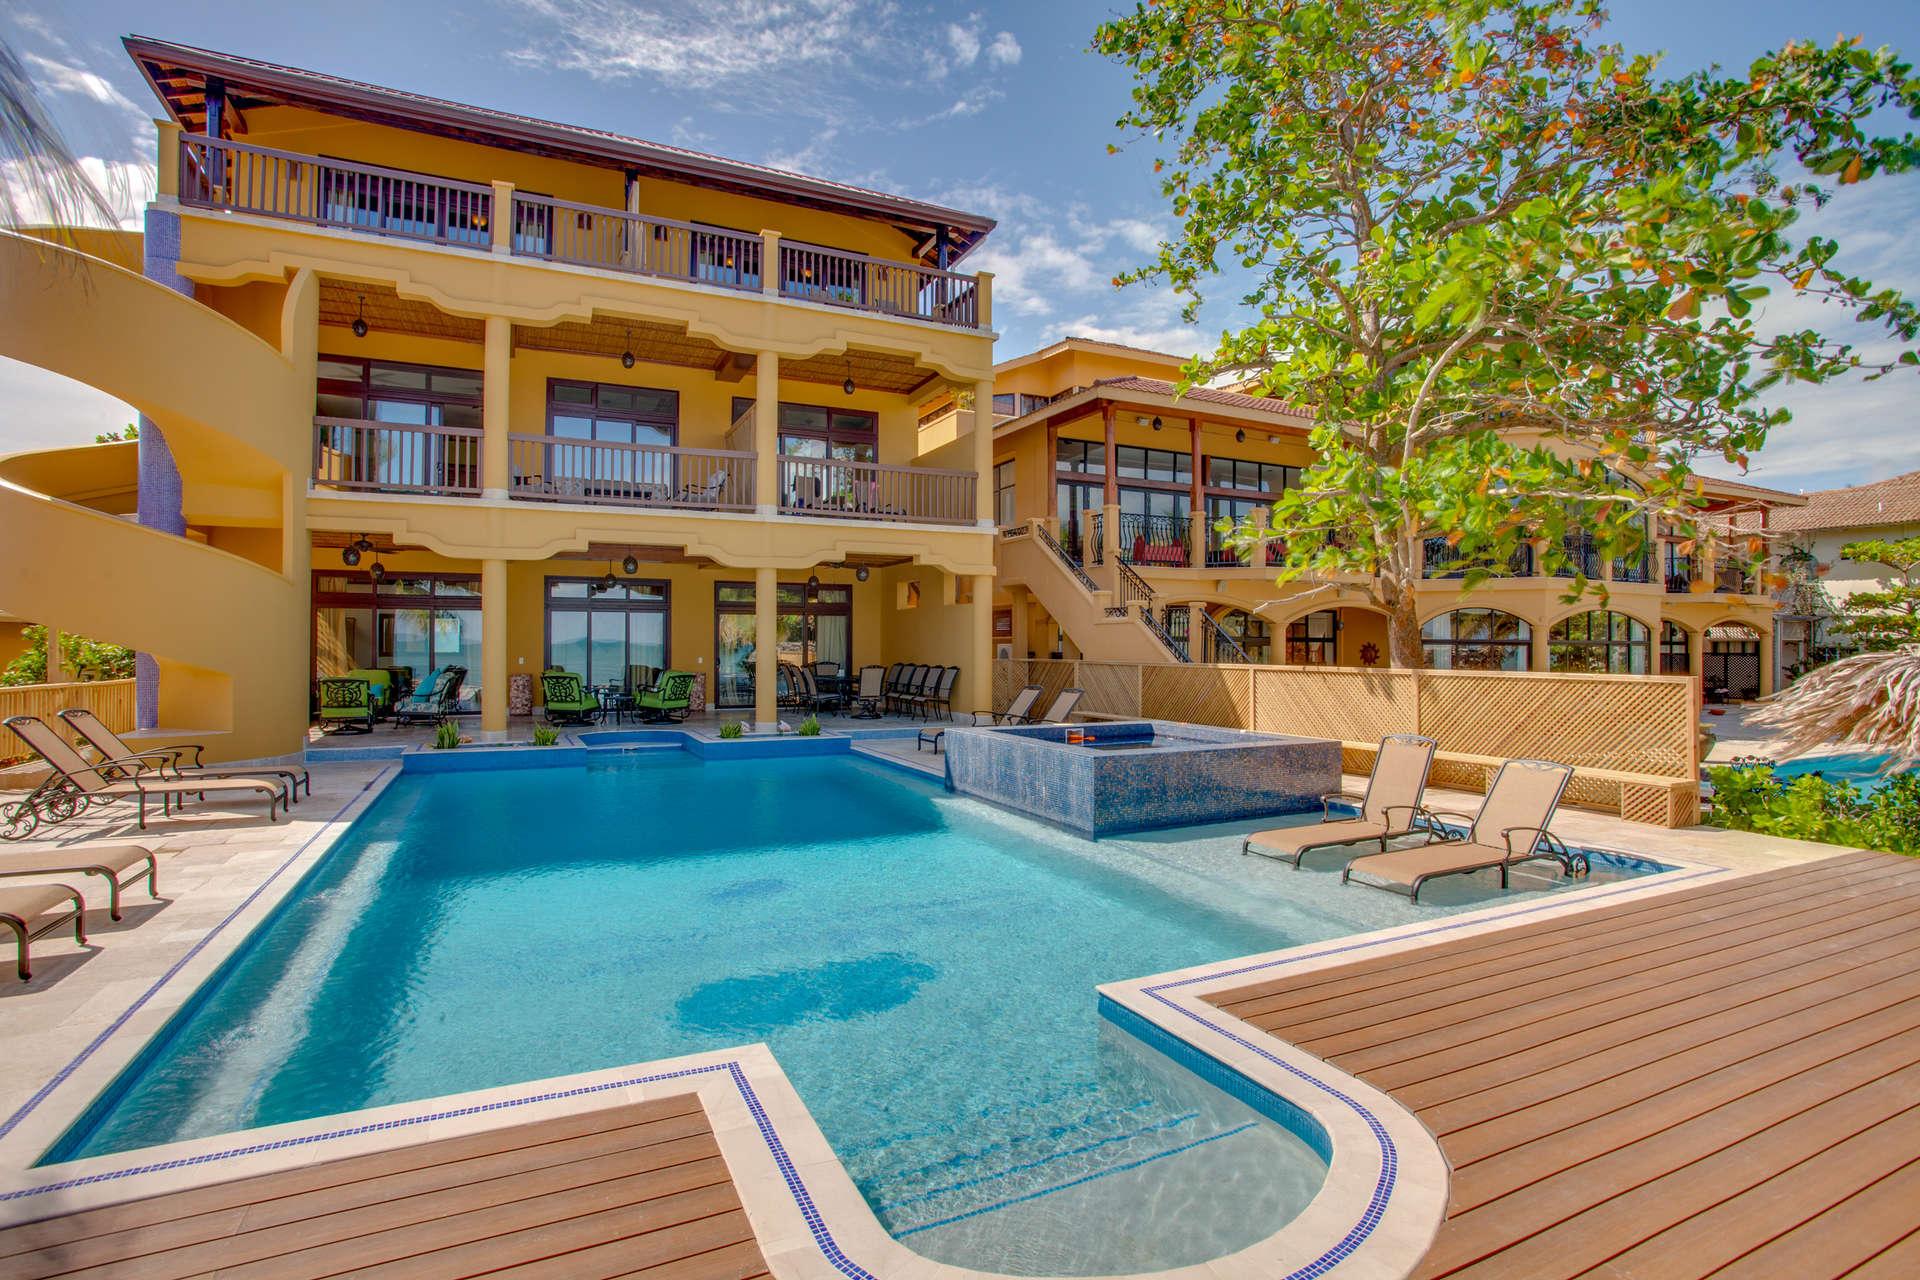 - Villa Margarita - Image 1/24